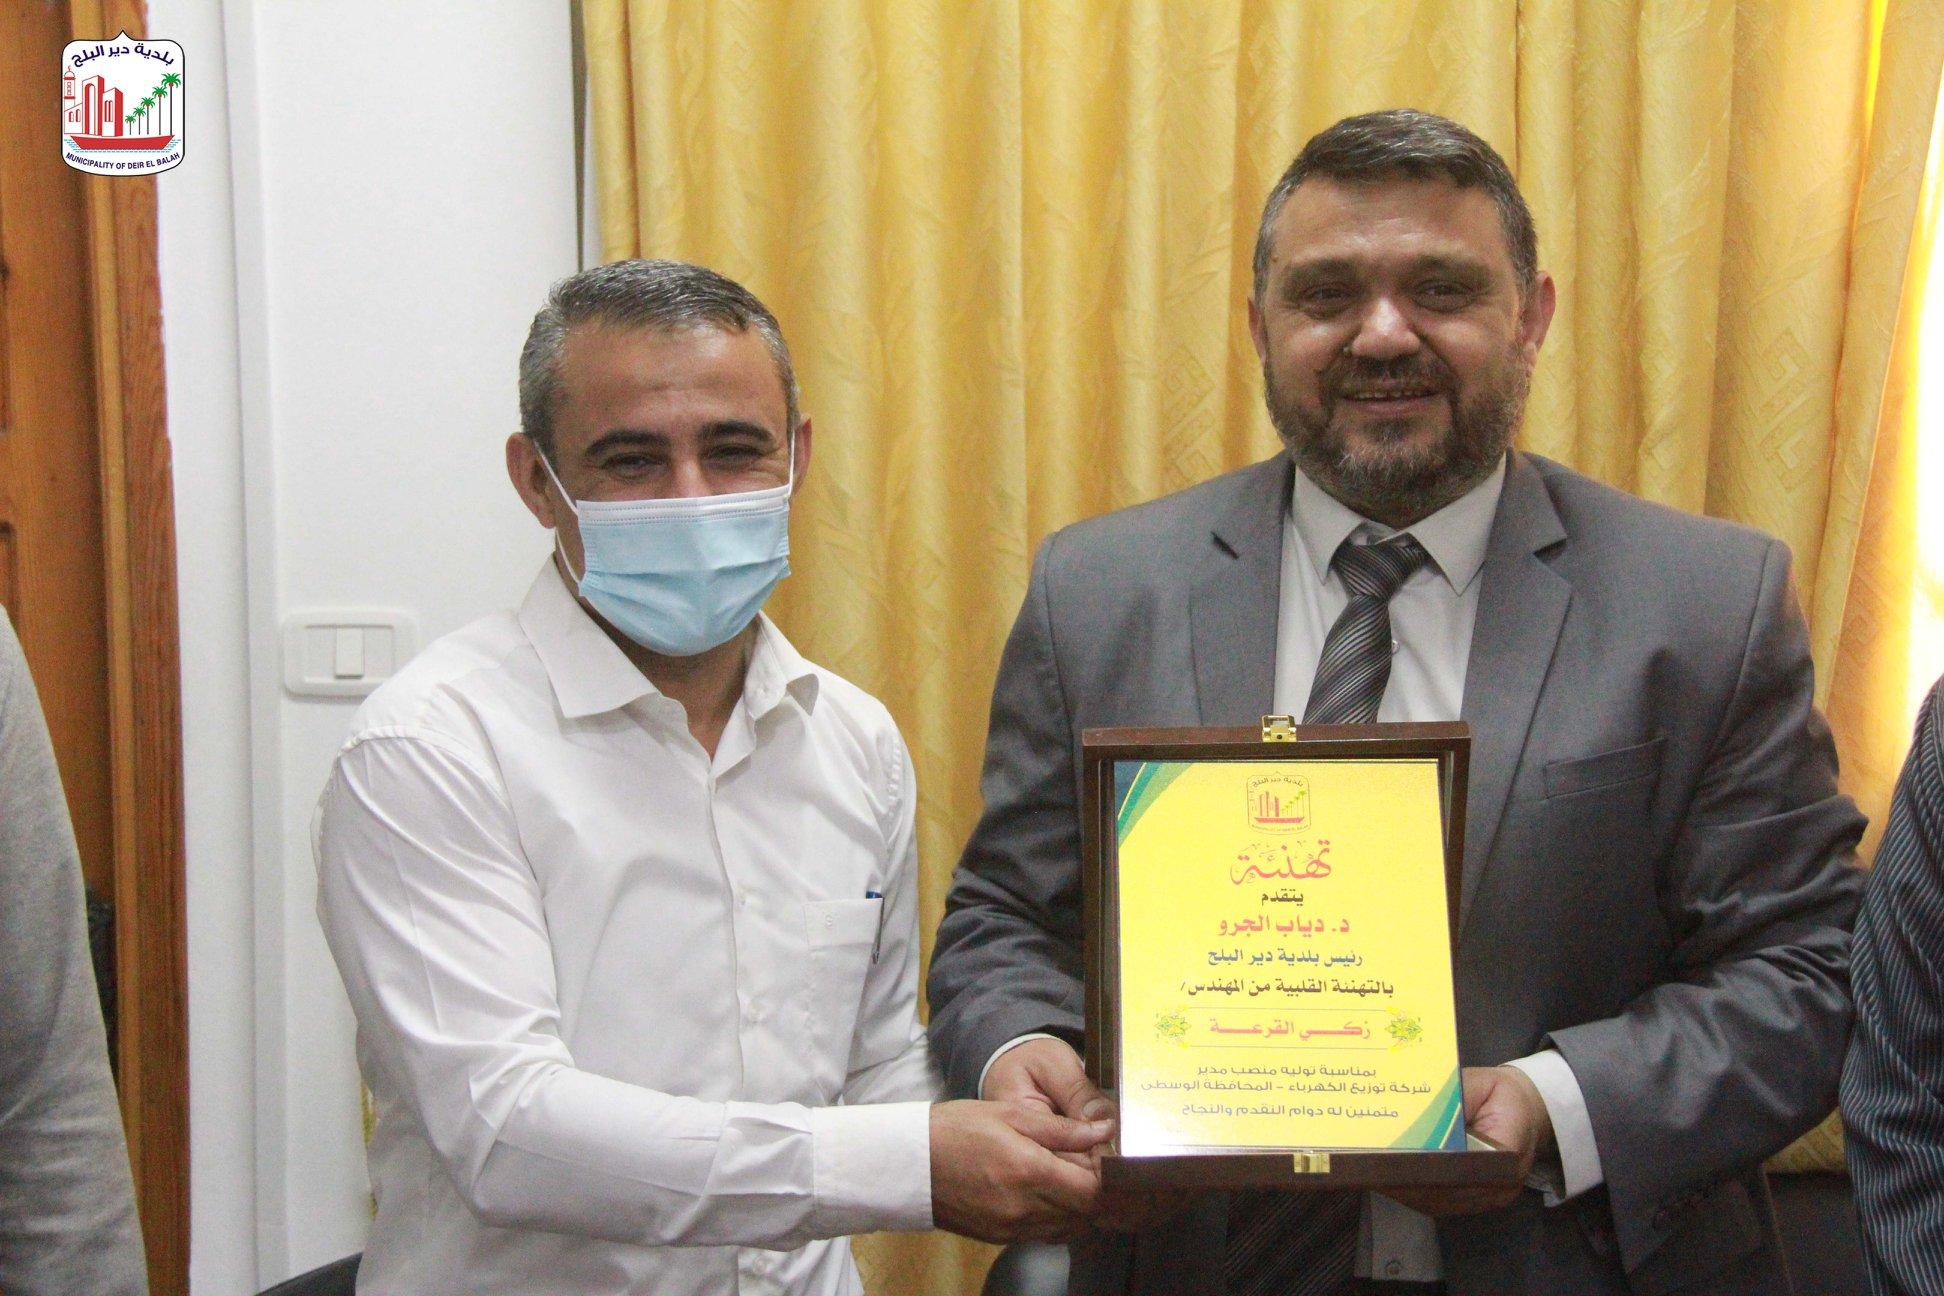 زيارة شركة توزيع الكهرباء – المحافظة الوسطى  ضمن حملة